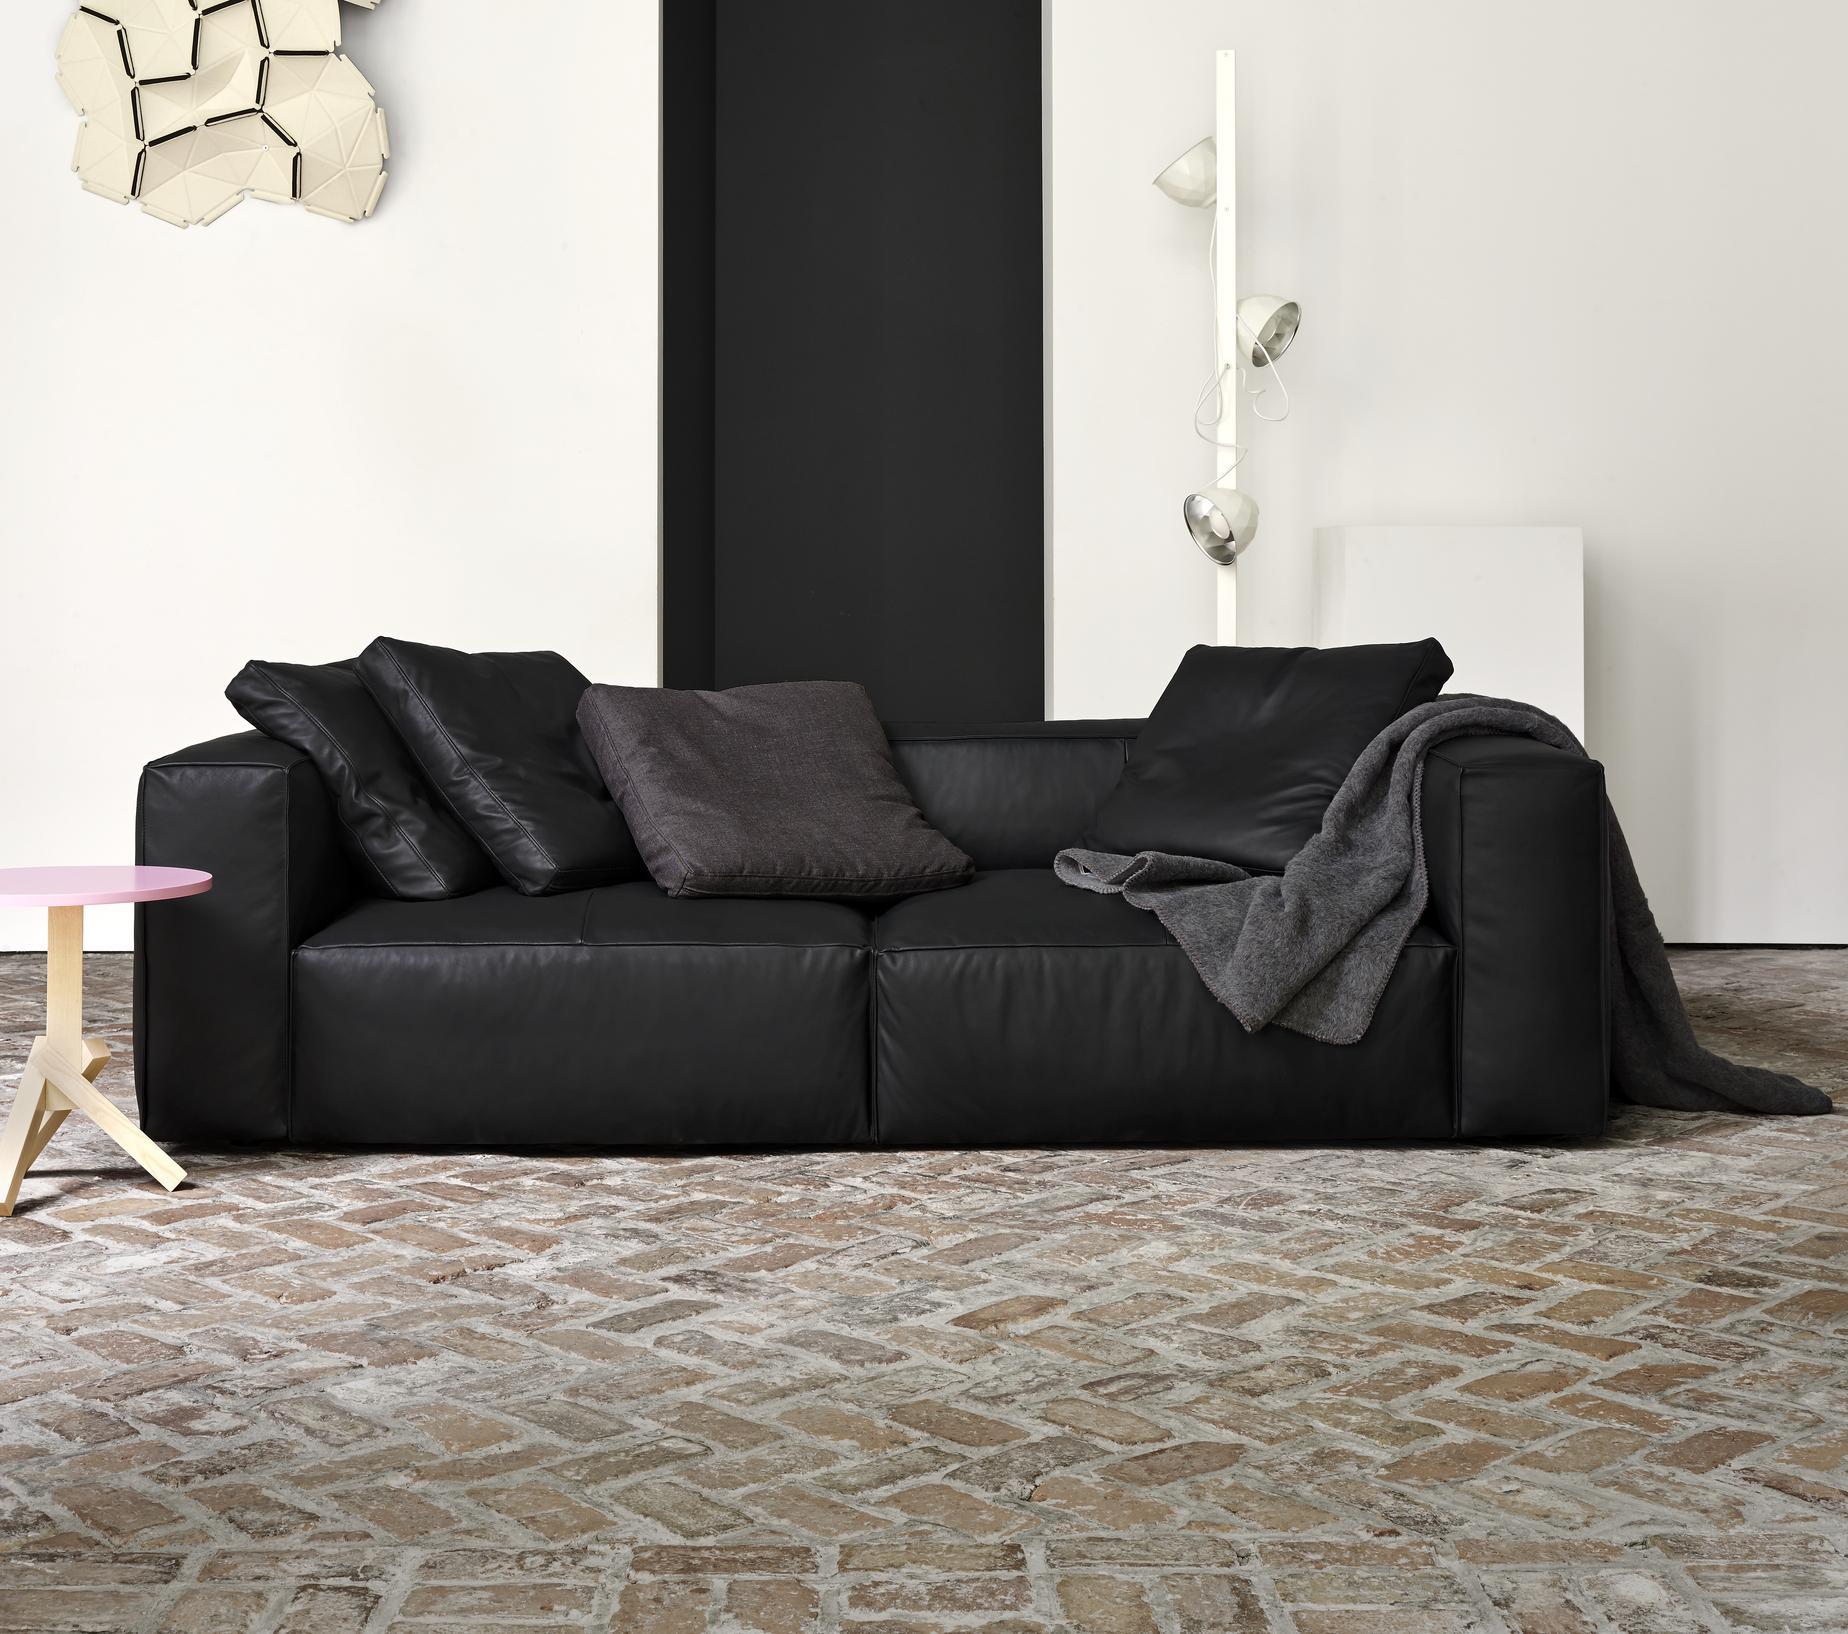 nils sofas from designer didier gomez ligne roset official site. Black Bedroom Furniture Sets. Home Design Ideas